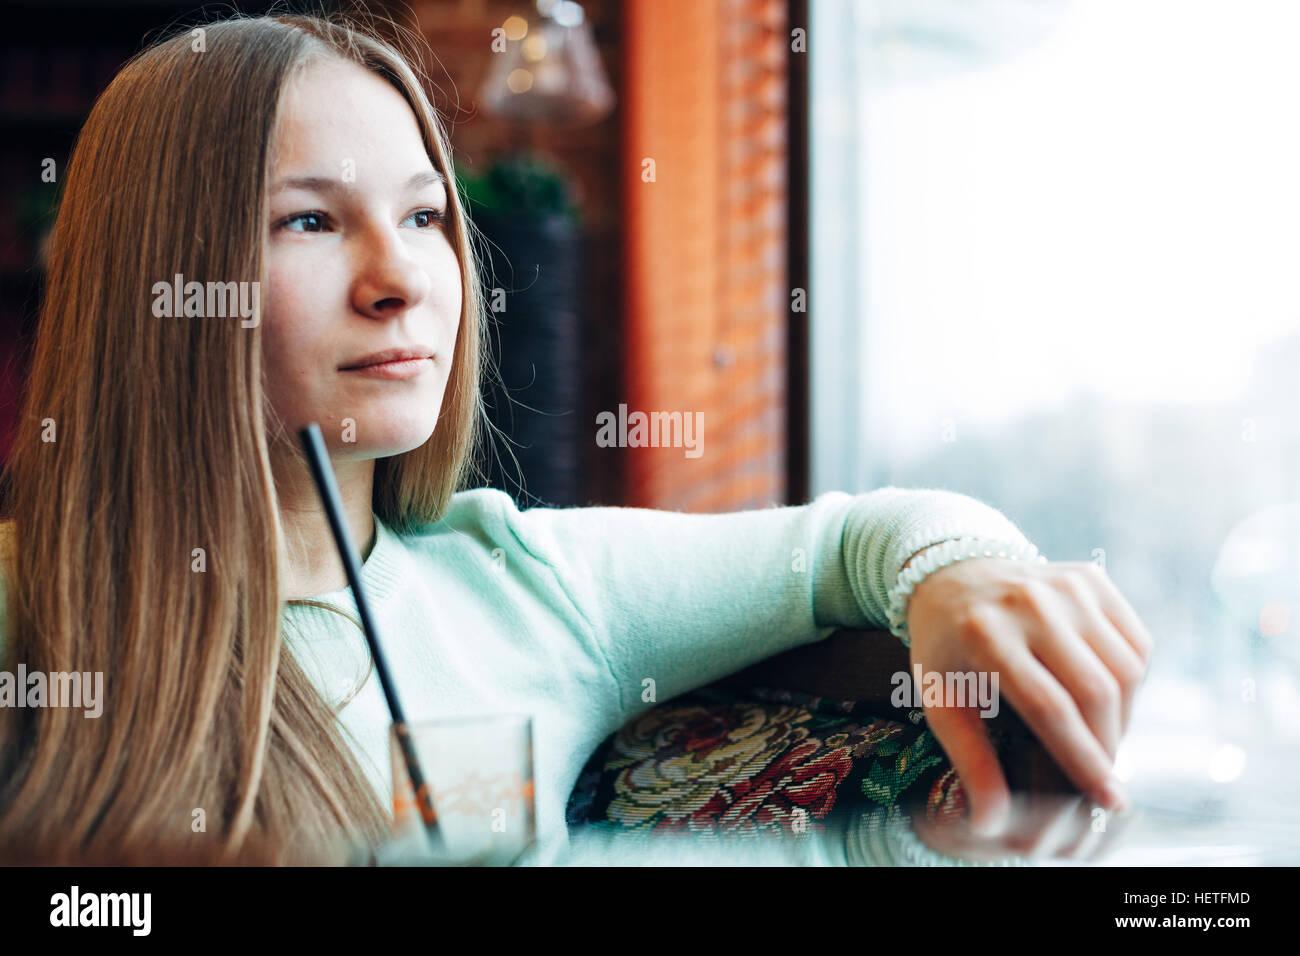 Photo d'une femme boire du jus d'une fenêtre Photo Stock